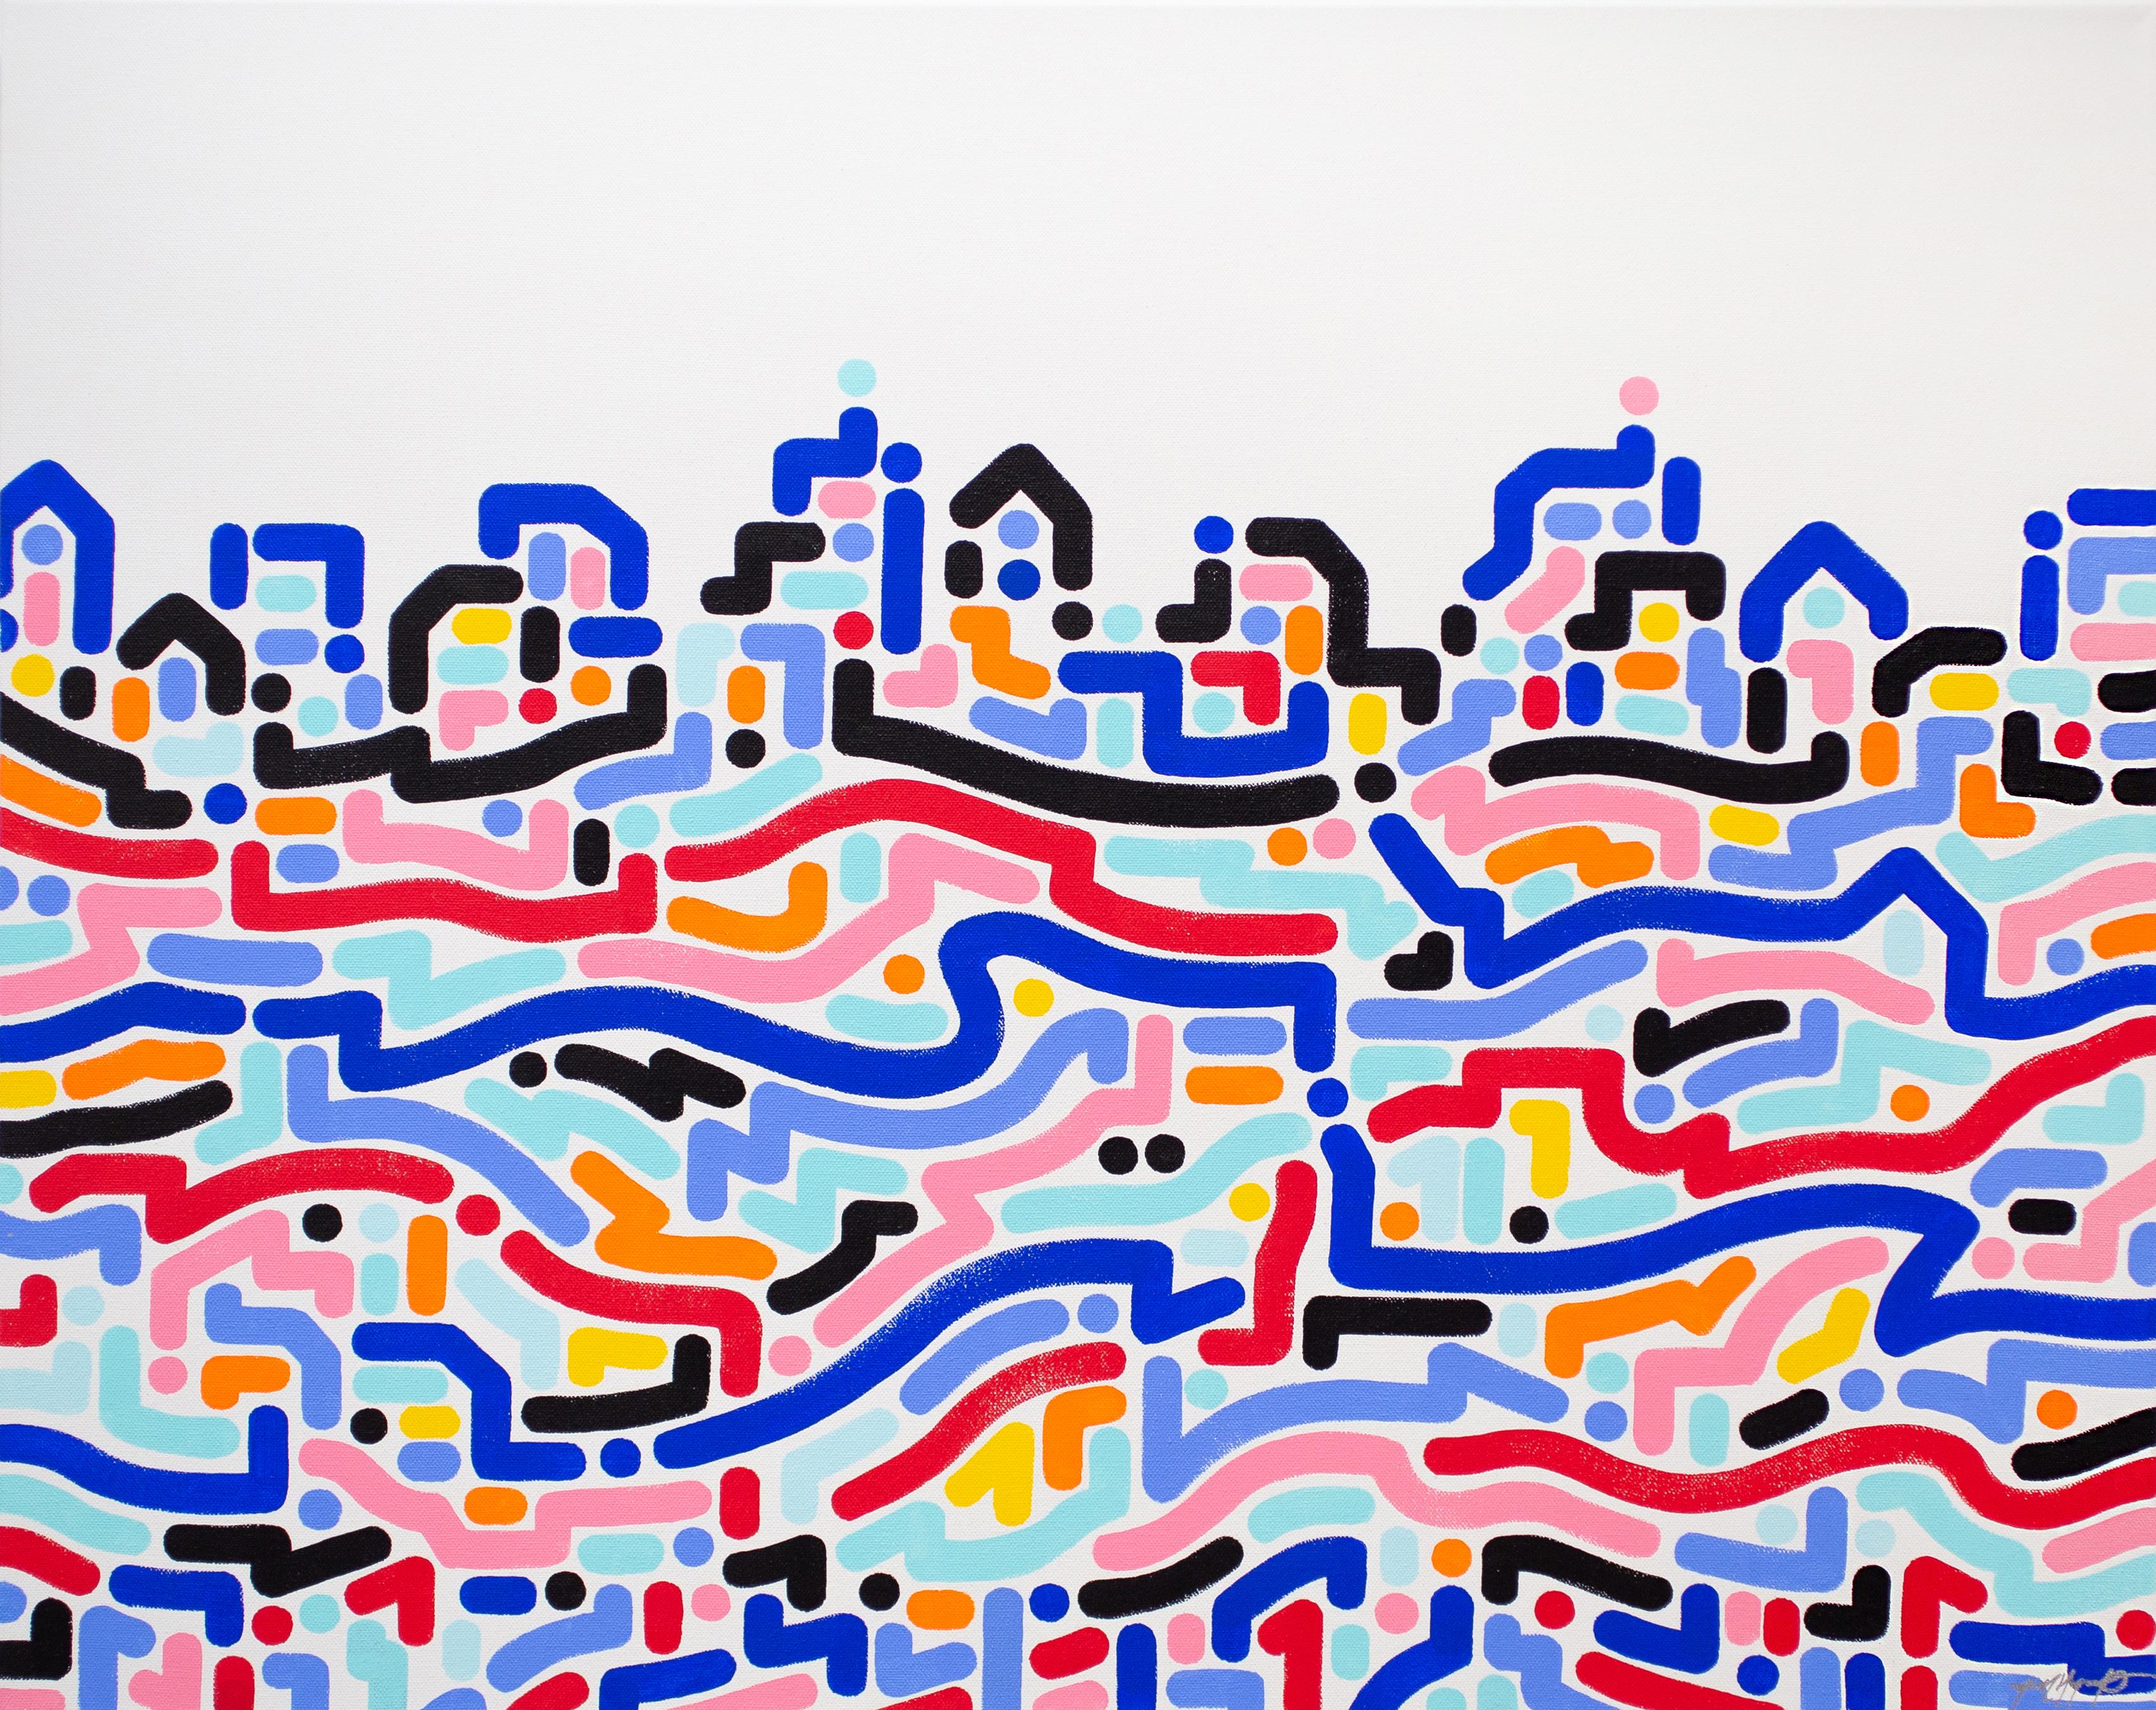 Yoon Hyup, Celestial, 2019, acrylic on canvas, 61×76 cm